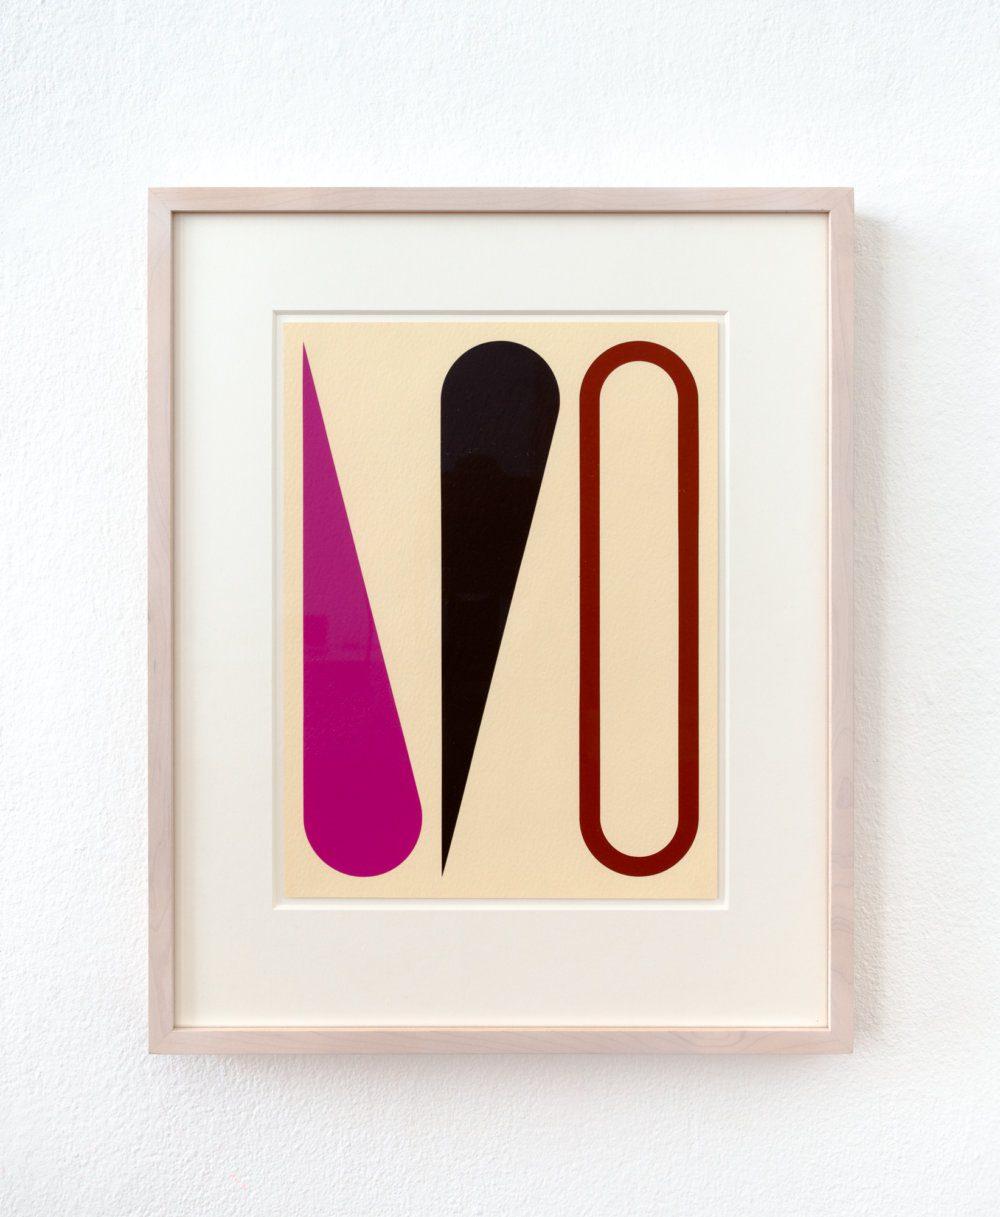 2017-11 Jan van der Ploeg WORK ON PAPER No.2017-11, Untitled, 2017, 29 x 22 cm., acrylic on paper in frame-Edit